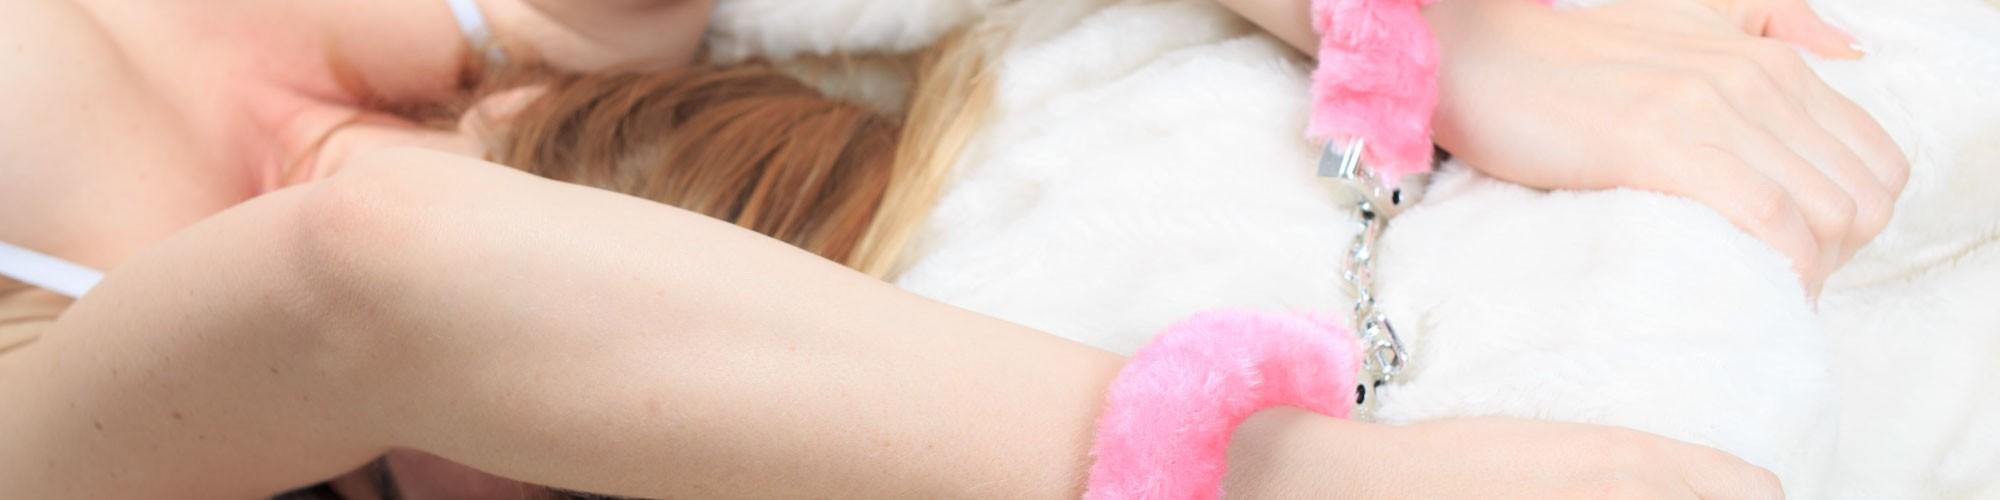 i migliori Sex Toys e giocattoli erotici online | Comodo.it